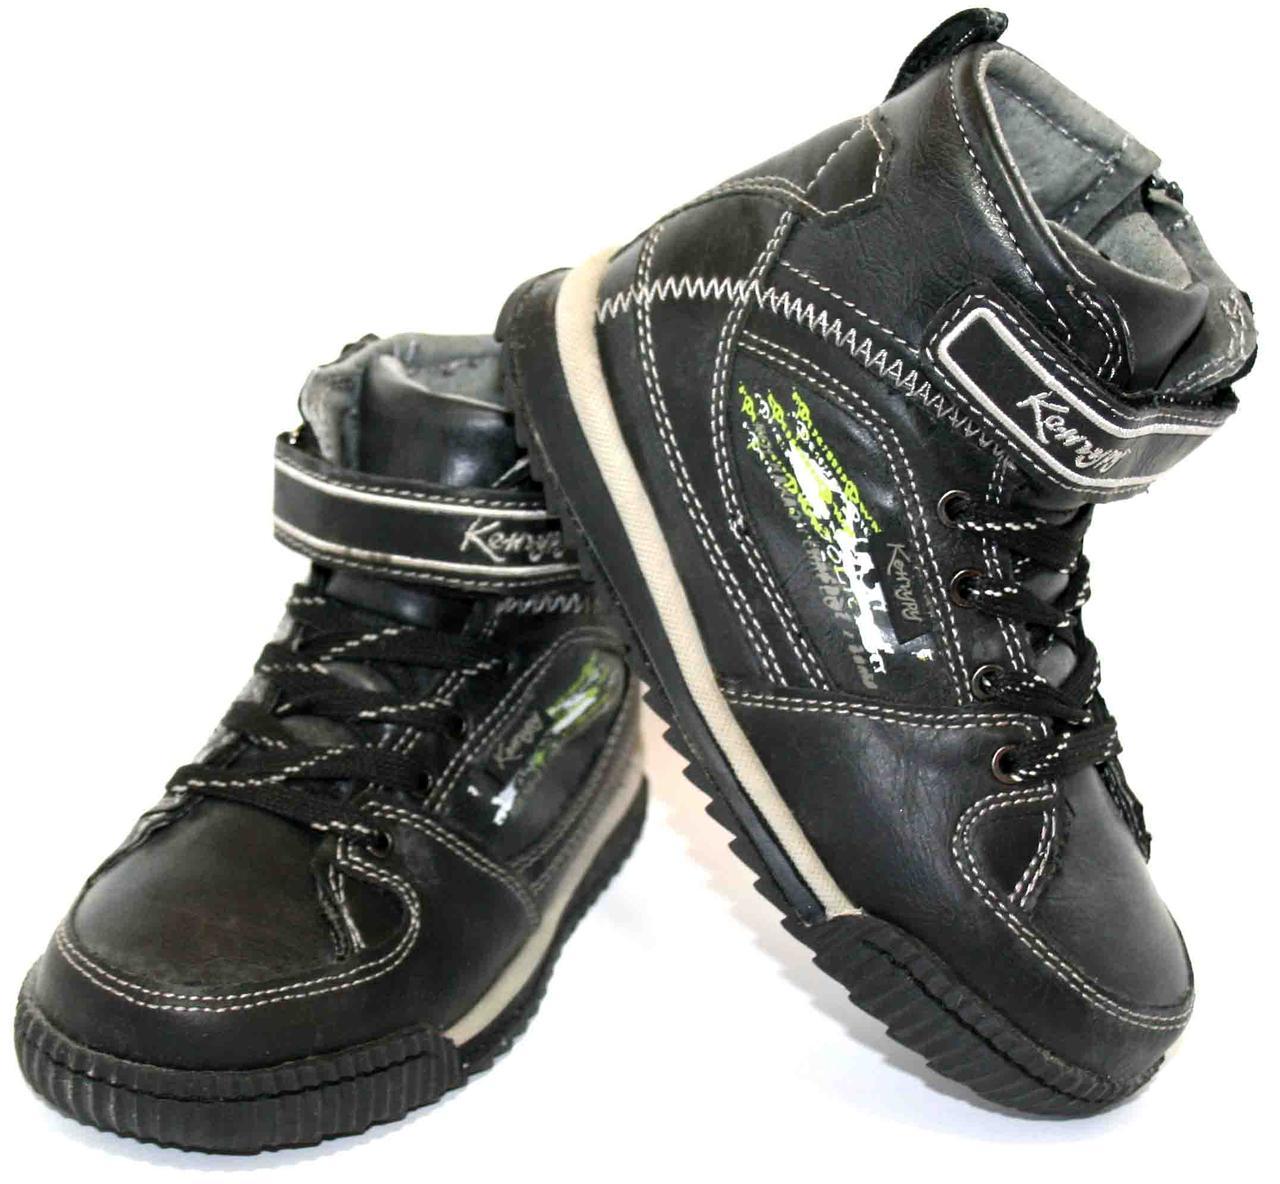 Детские демисезонные ботинки Кенгуру, размеры 26-31